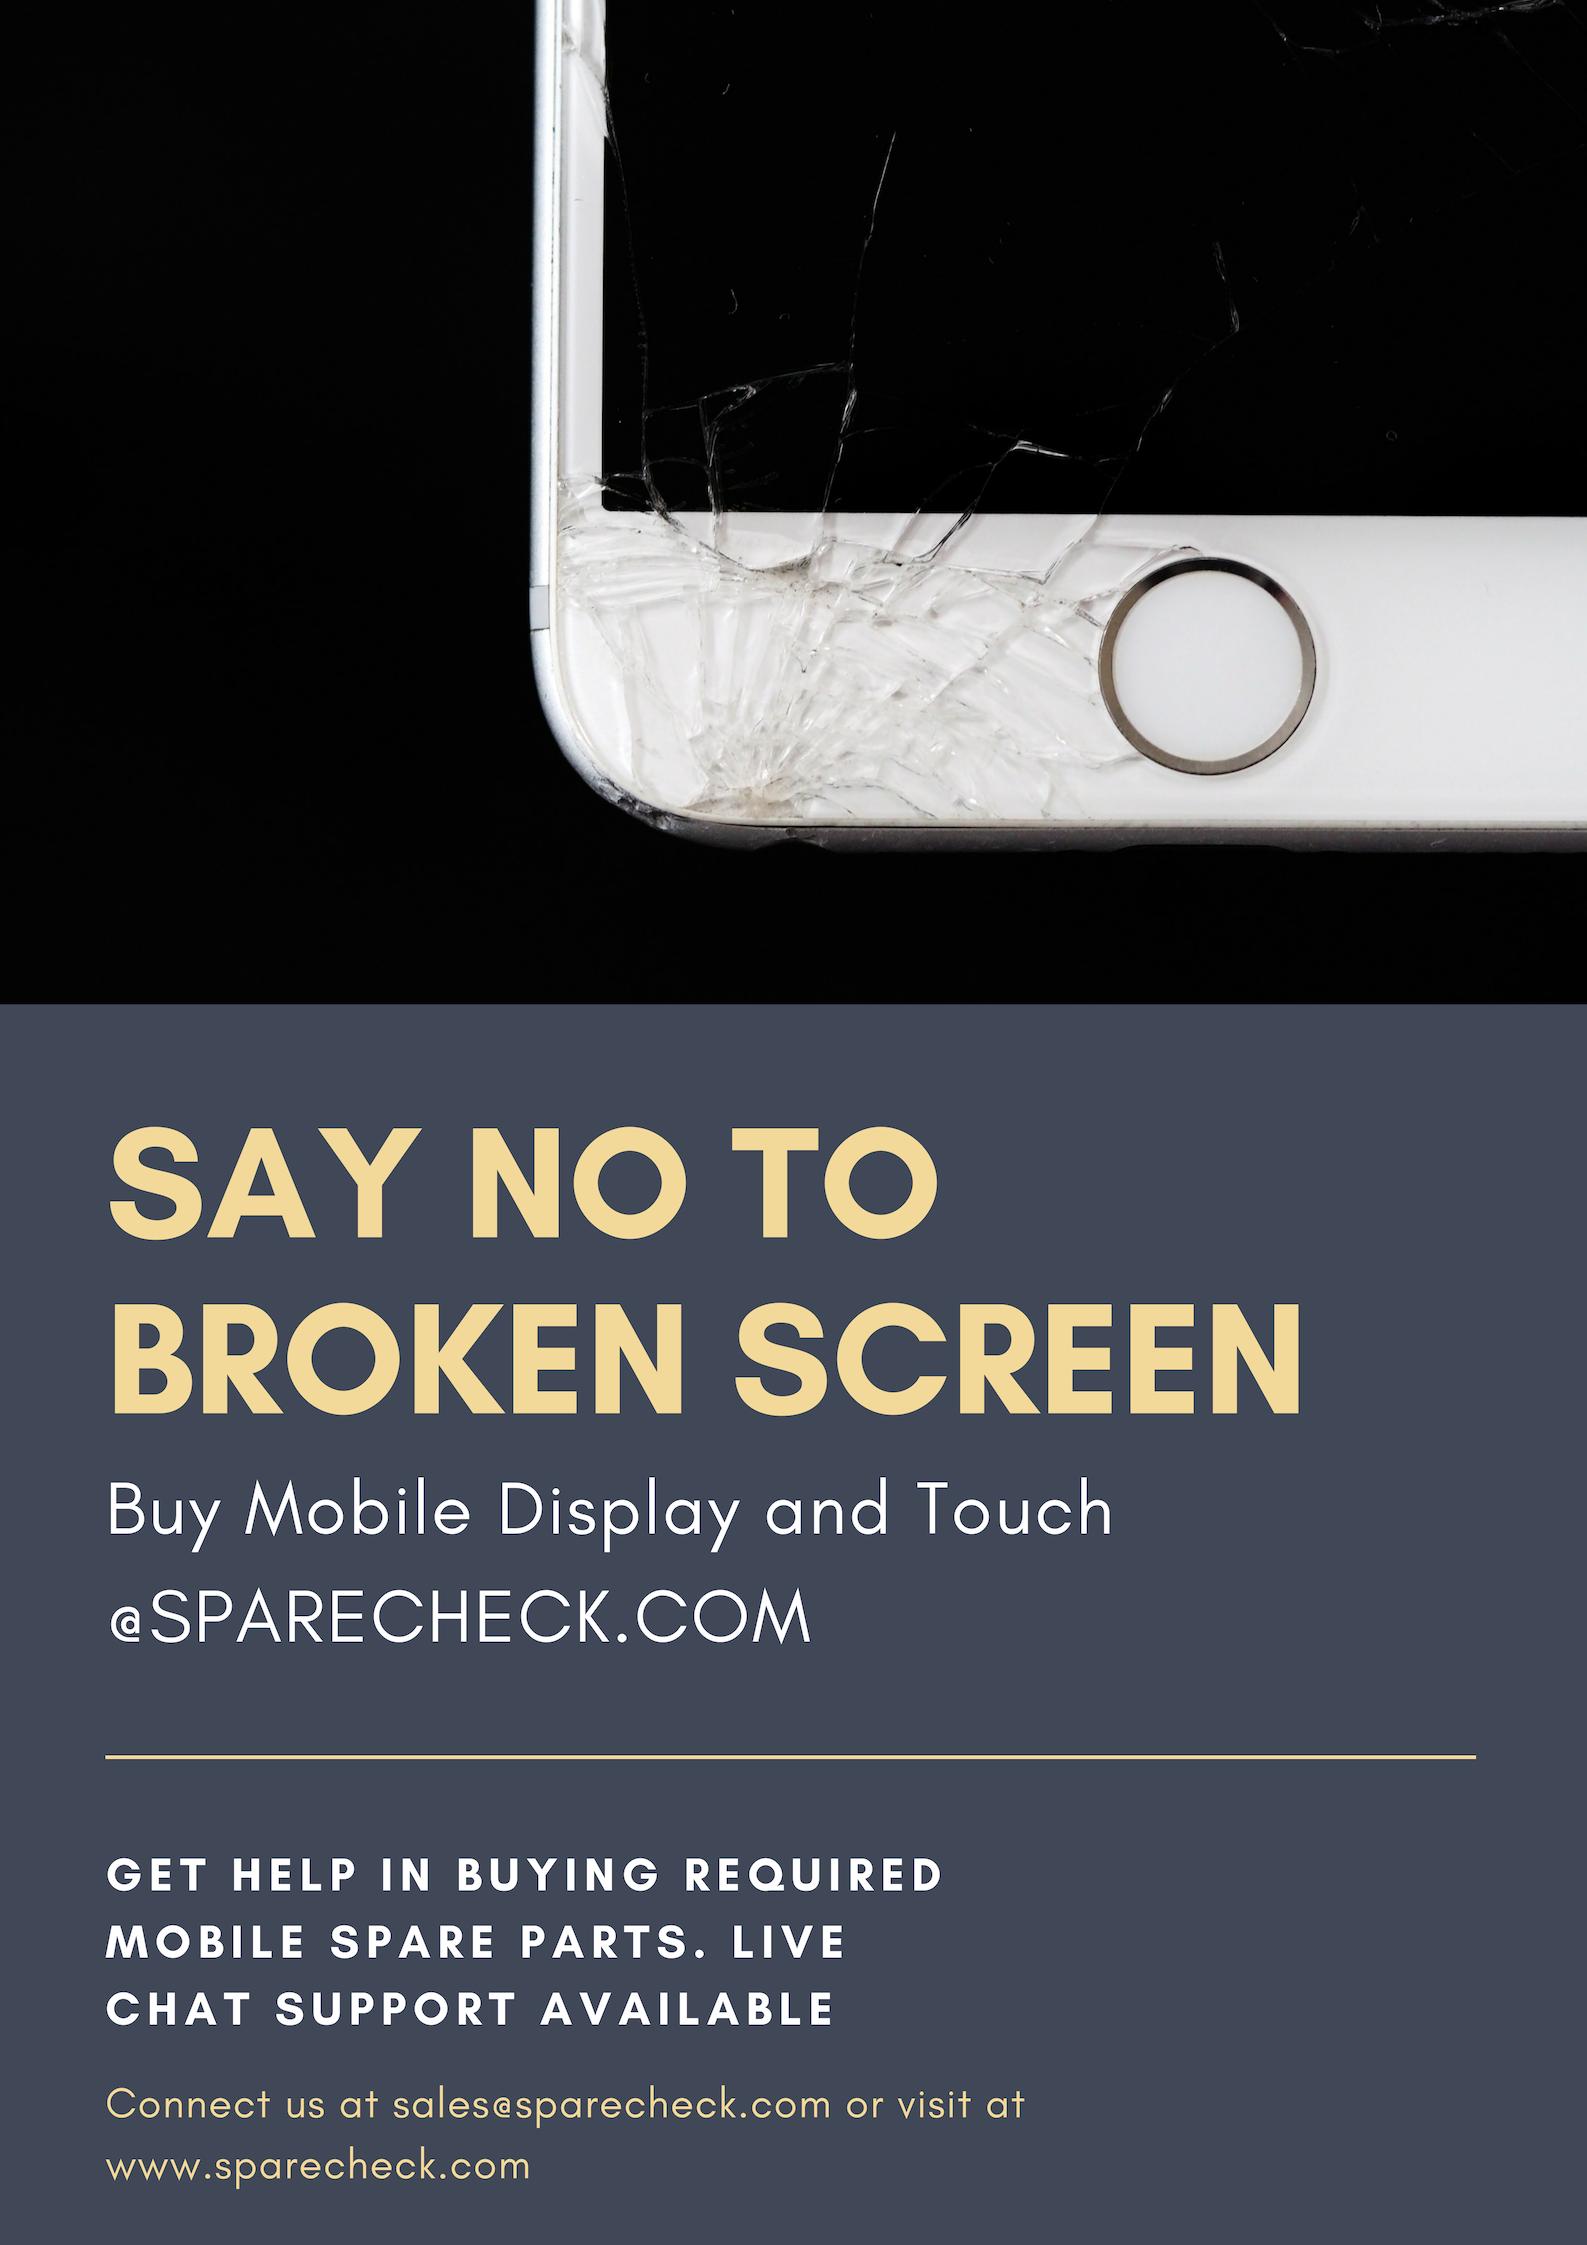 Say No To Broken Screen Sparecheck Broken Screen Buy Mobile Mobile Battery